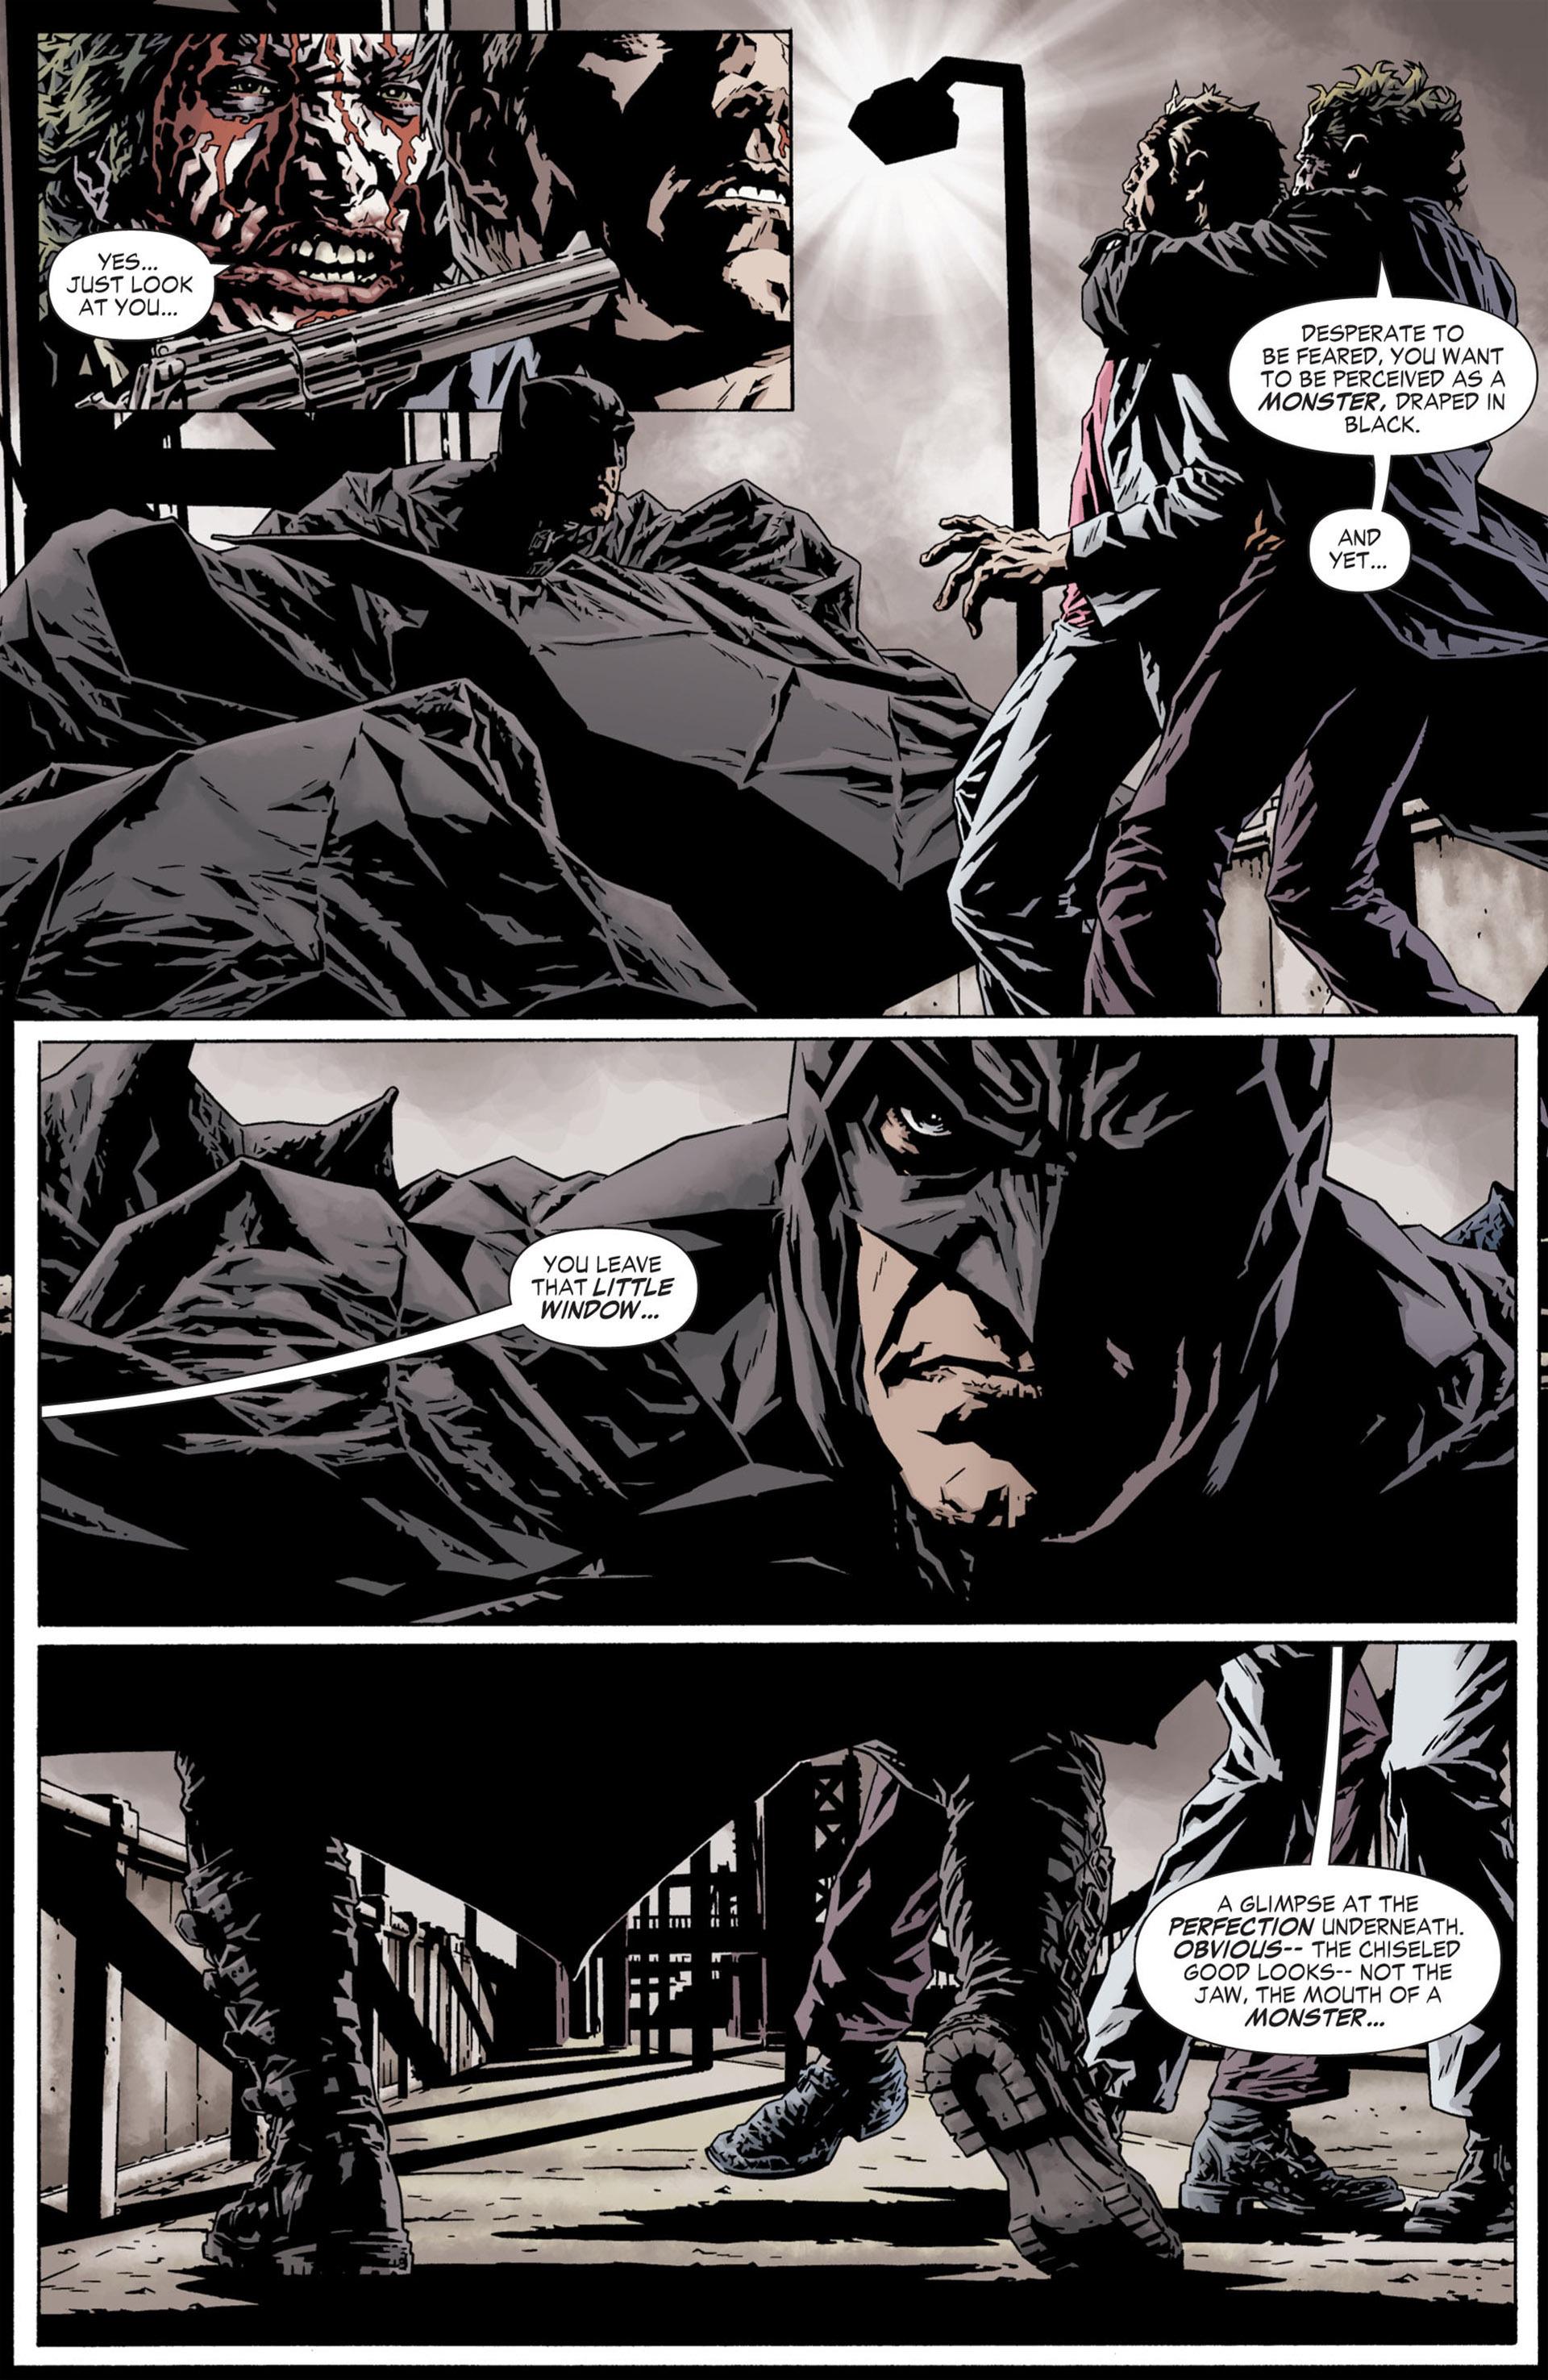 joker 2008 graphic novel pdf